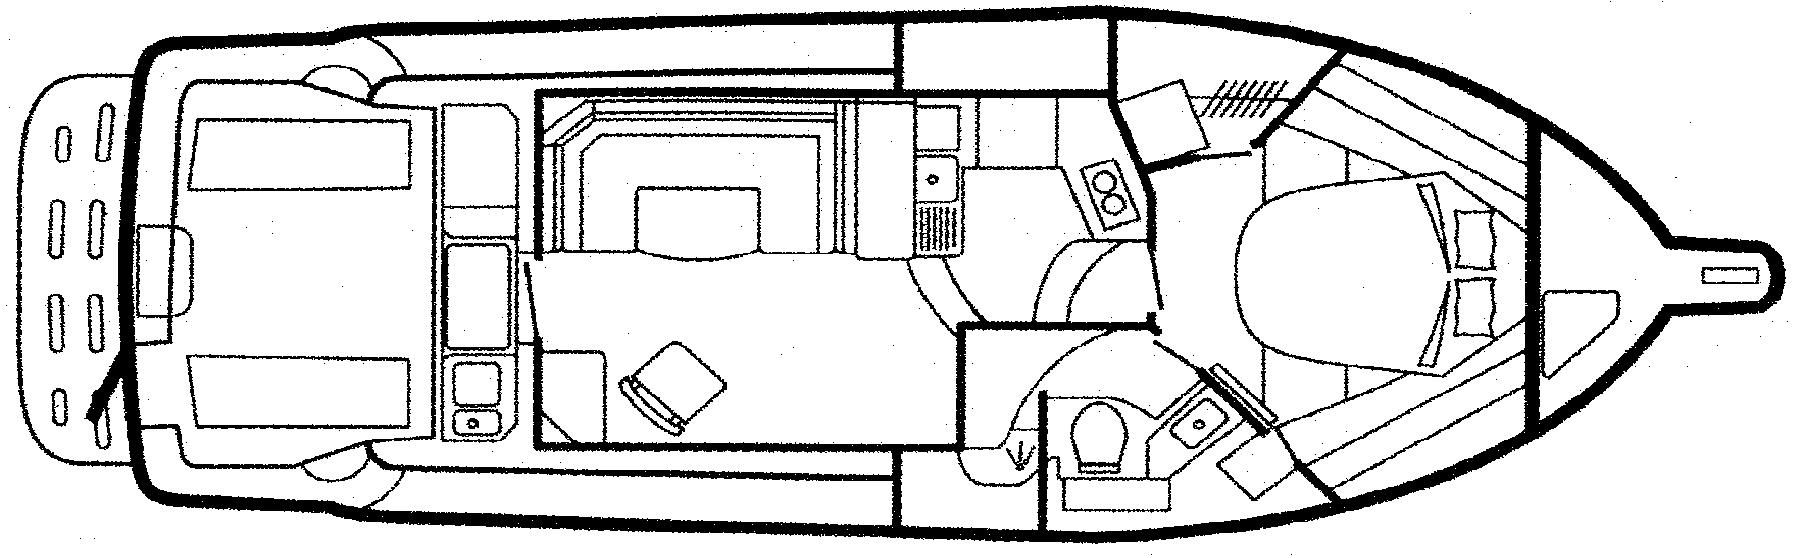 33 Convertible Floor Plan 1